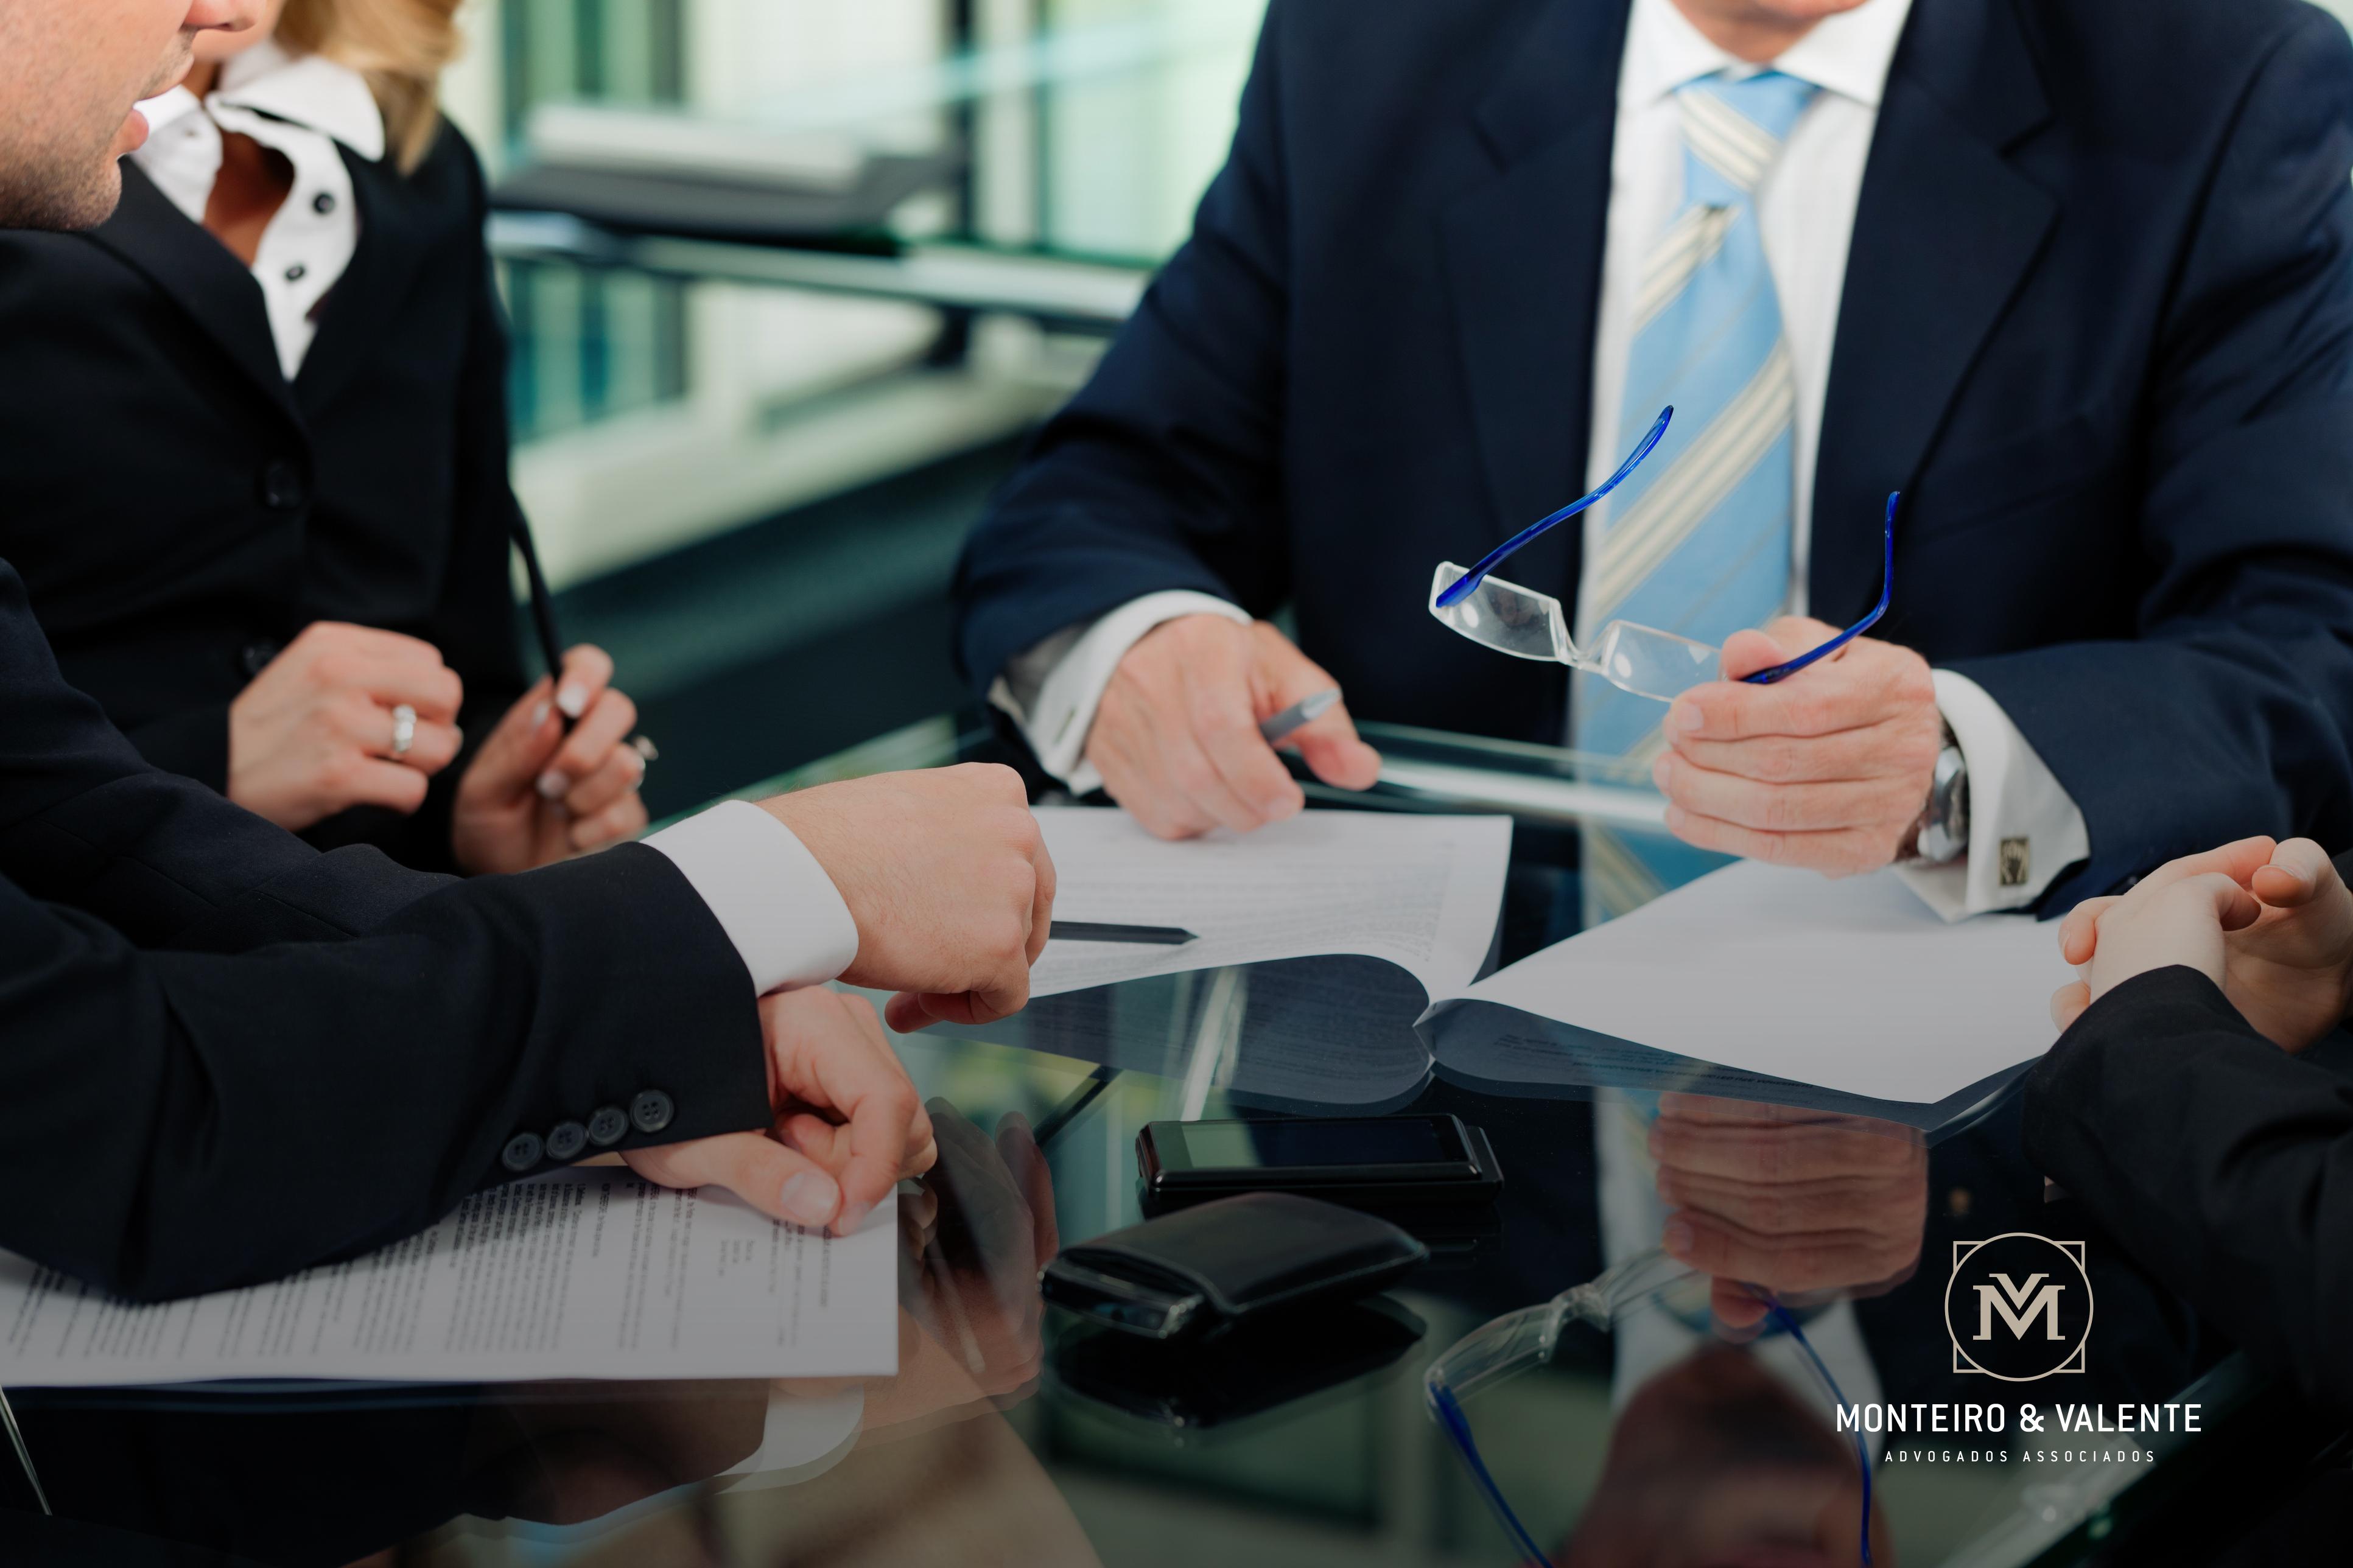 Monteiro & Valente - Advogados Associados - Saiba mais sobre o direito trabalhista